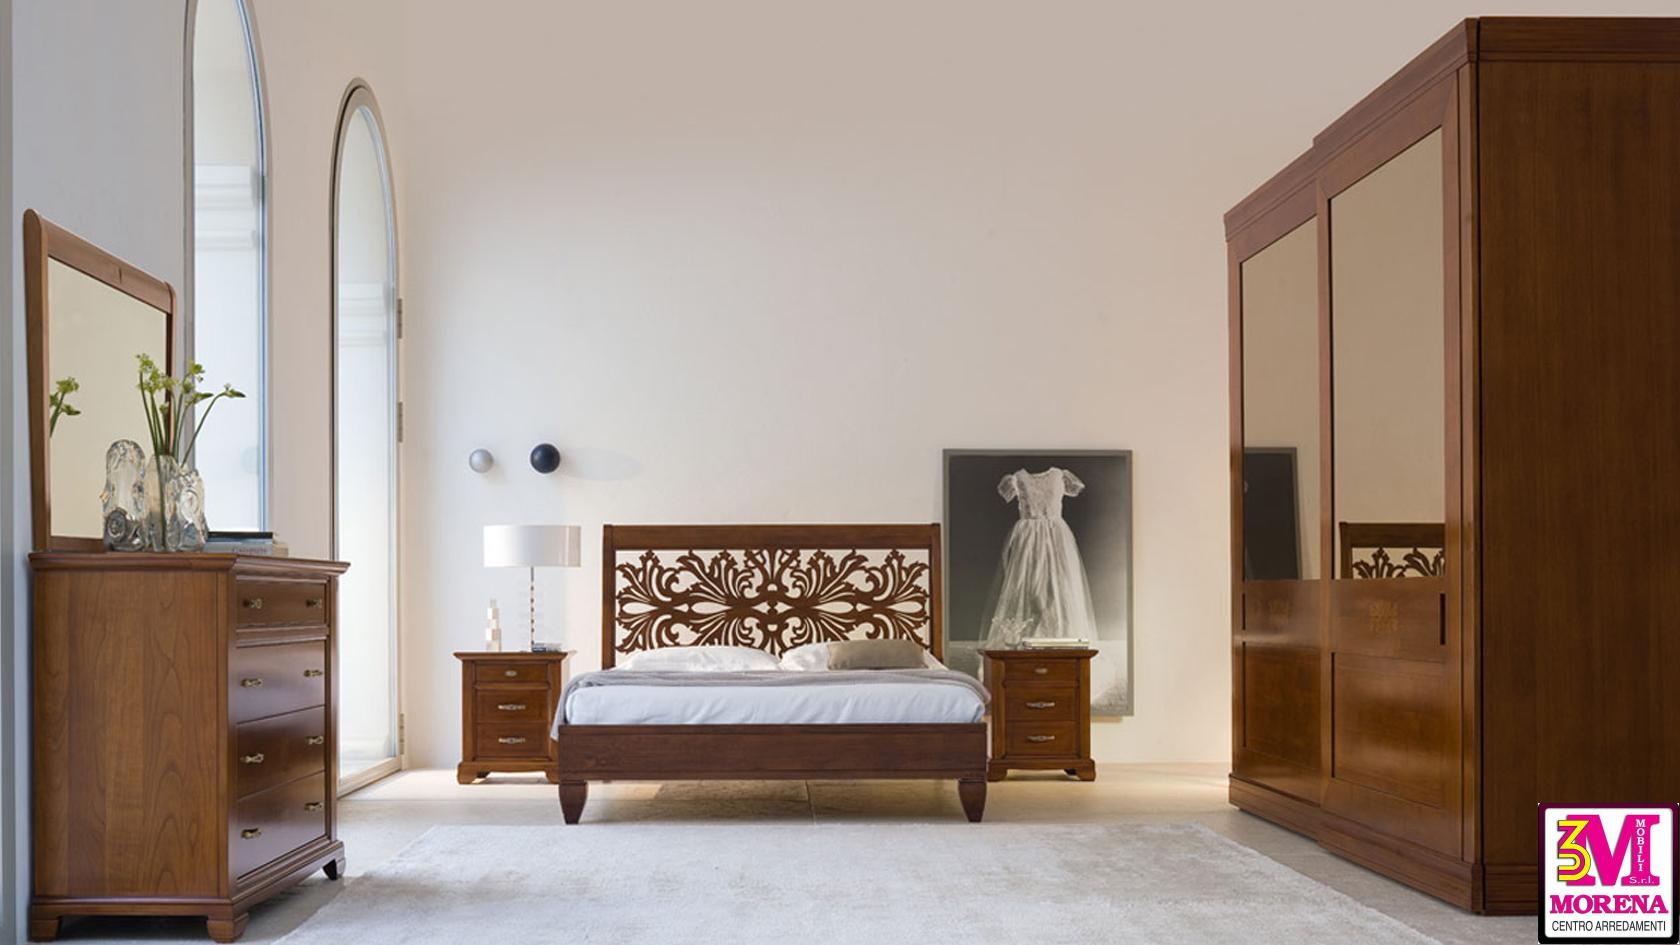 Camere da letto arte for Camere da letto convenienti